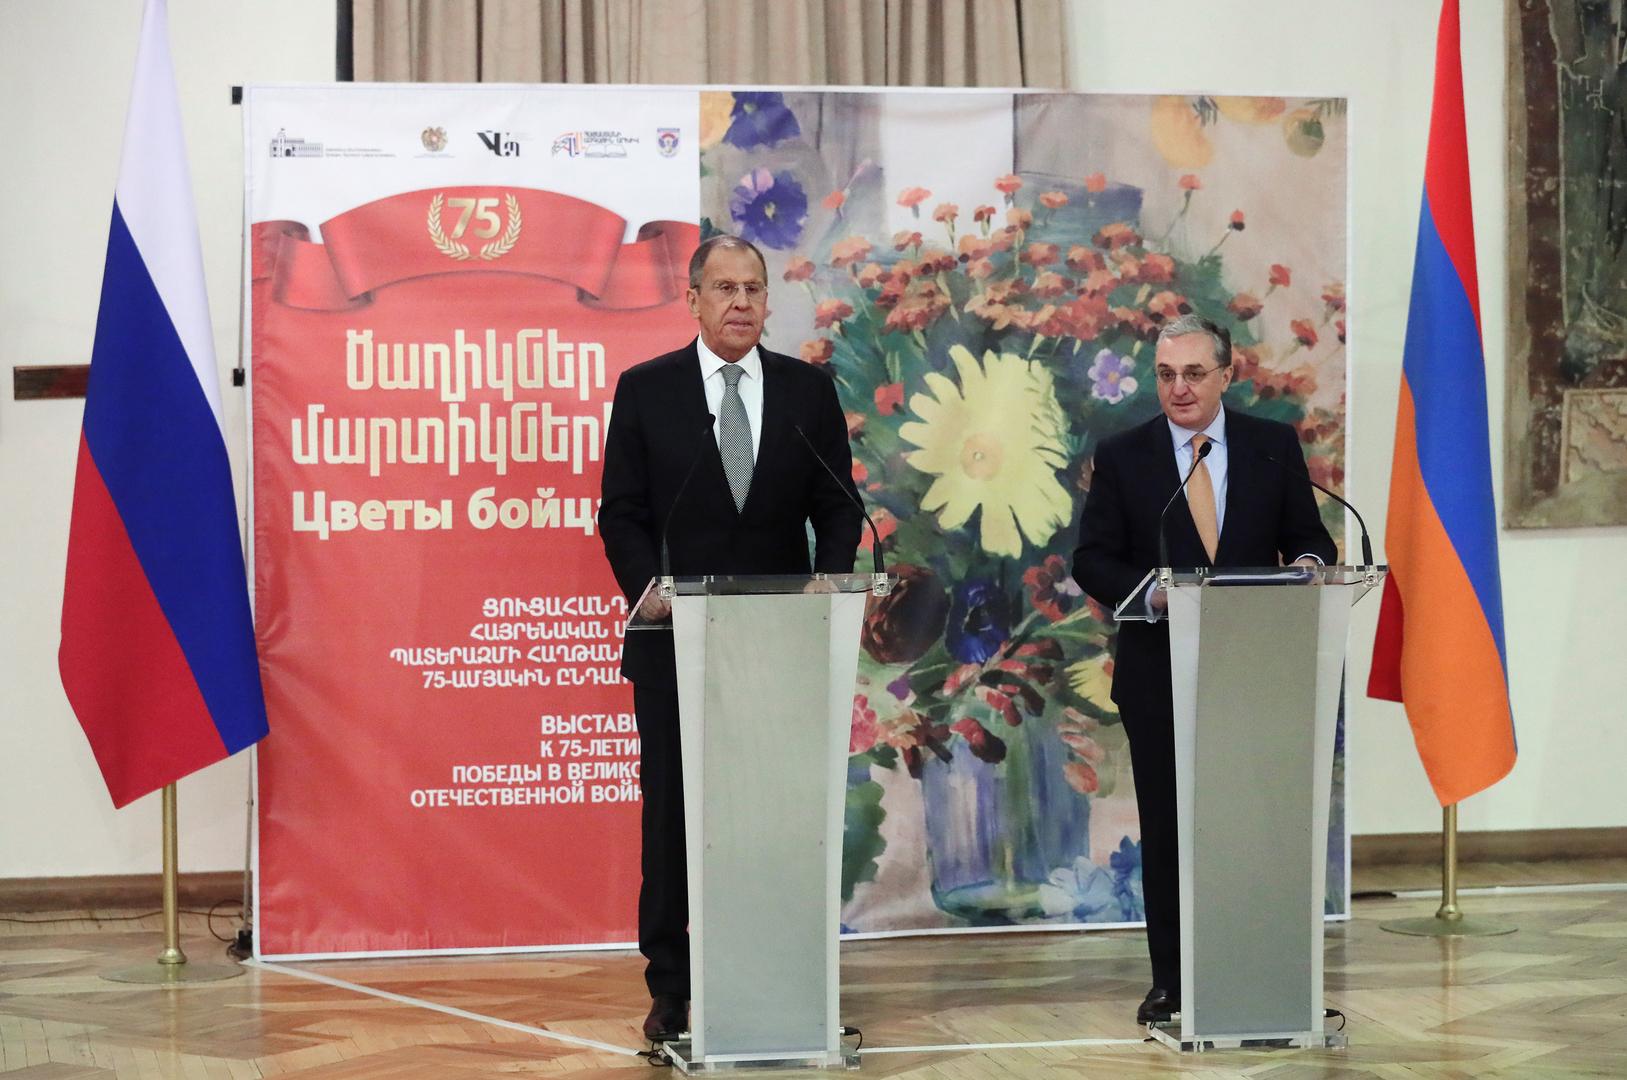 لافروف من أرمينيا: لن نسمح بتزوير التاريخ ونتائج الحرب العالمية الثانية